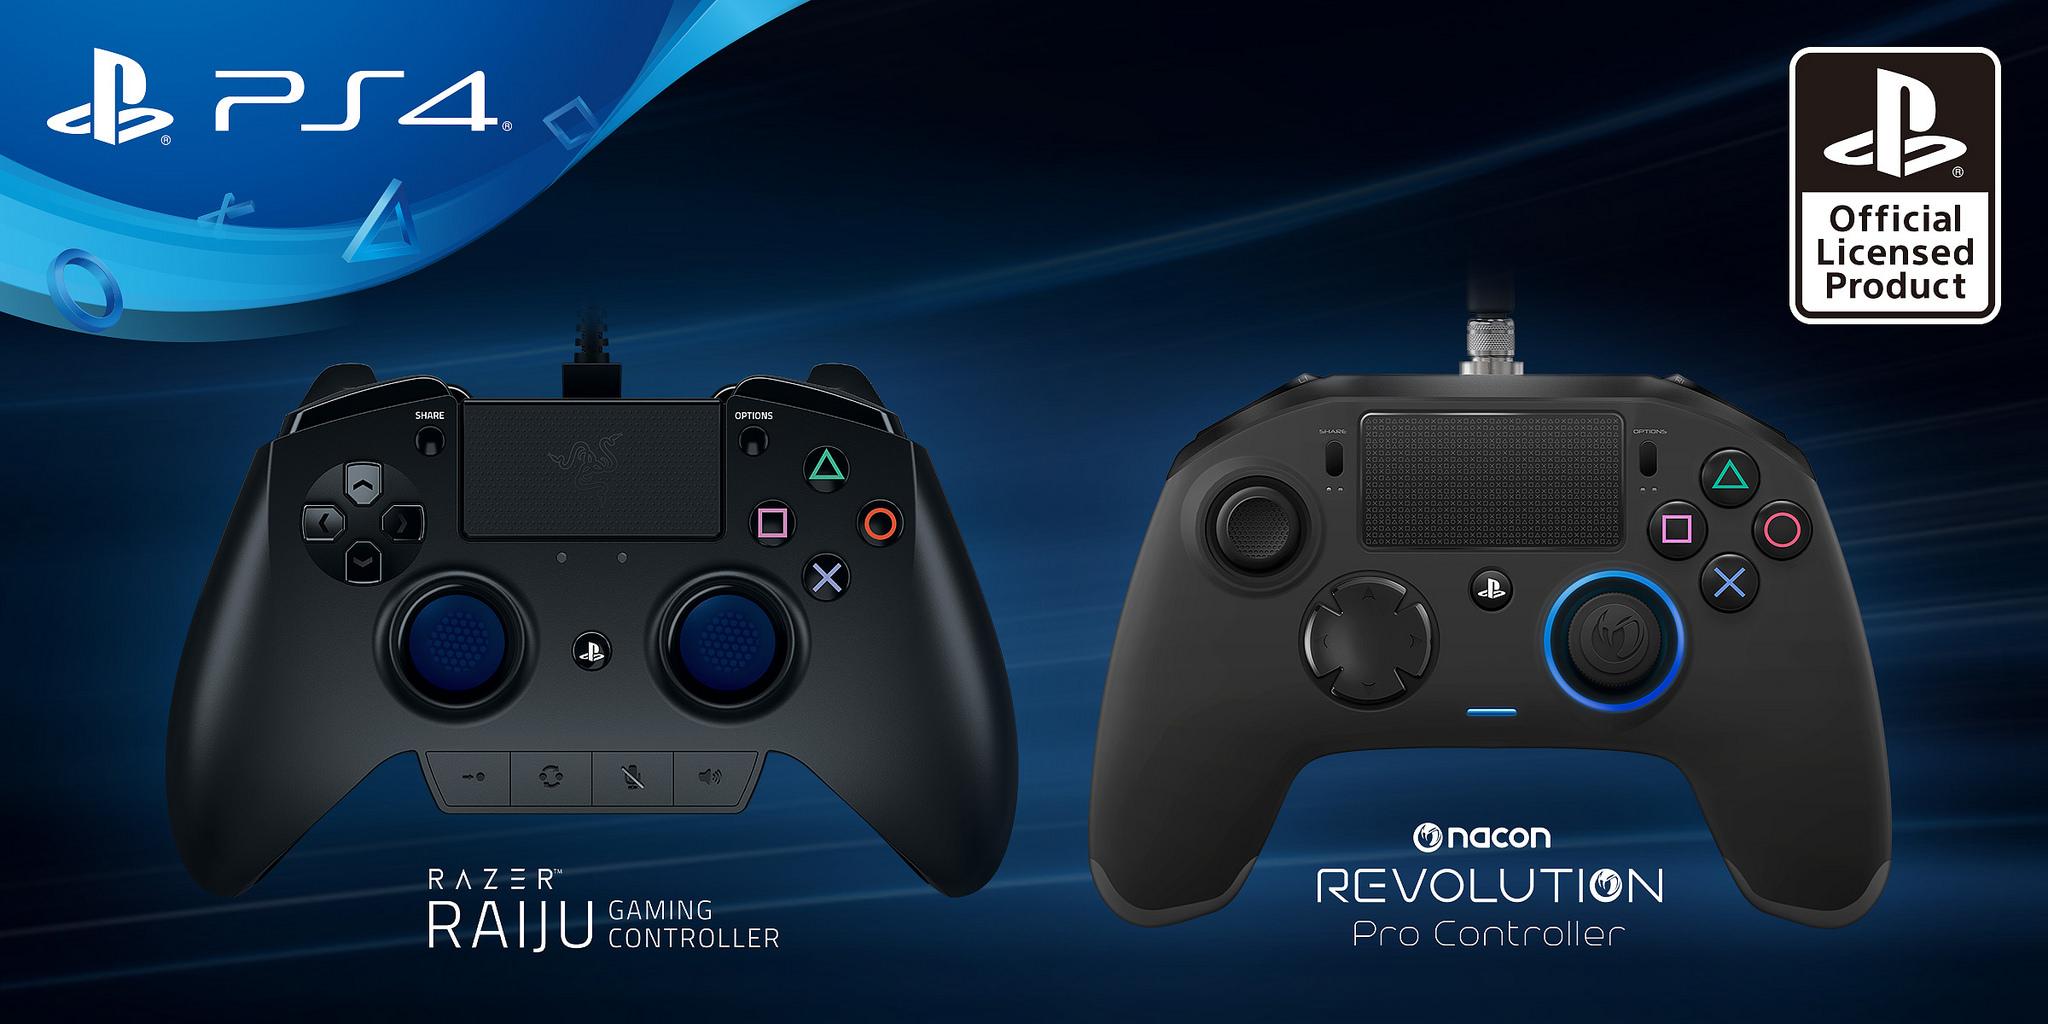 Сони показала контроллеры Razer Raiju иNacon Revolution для PS4